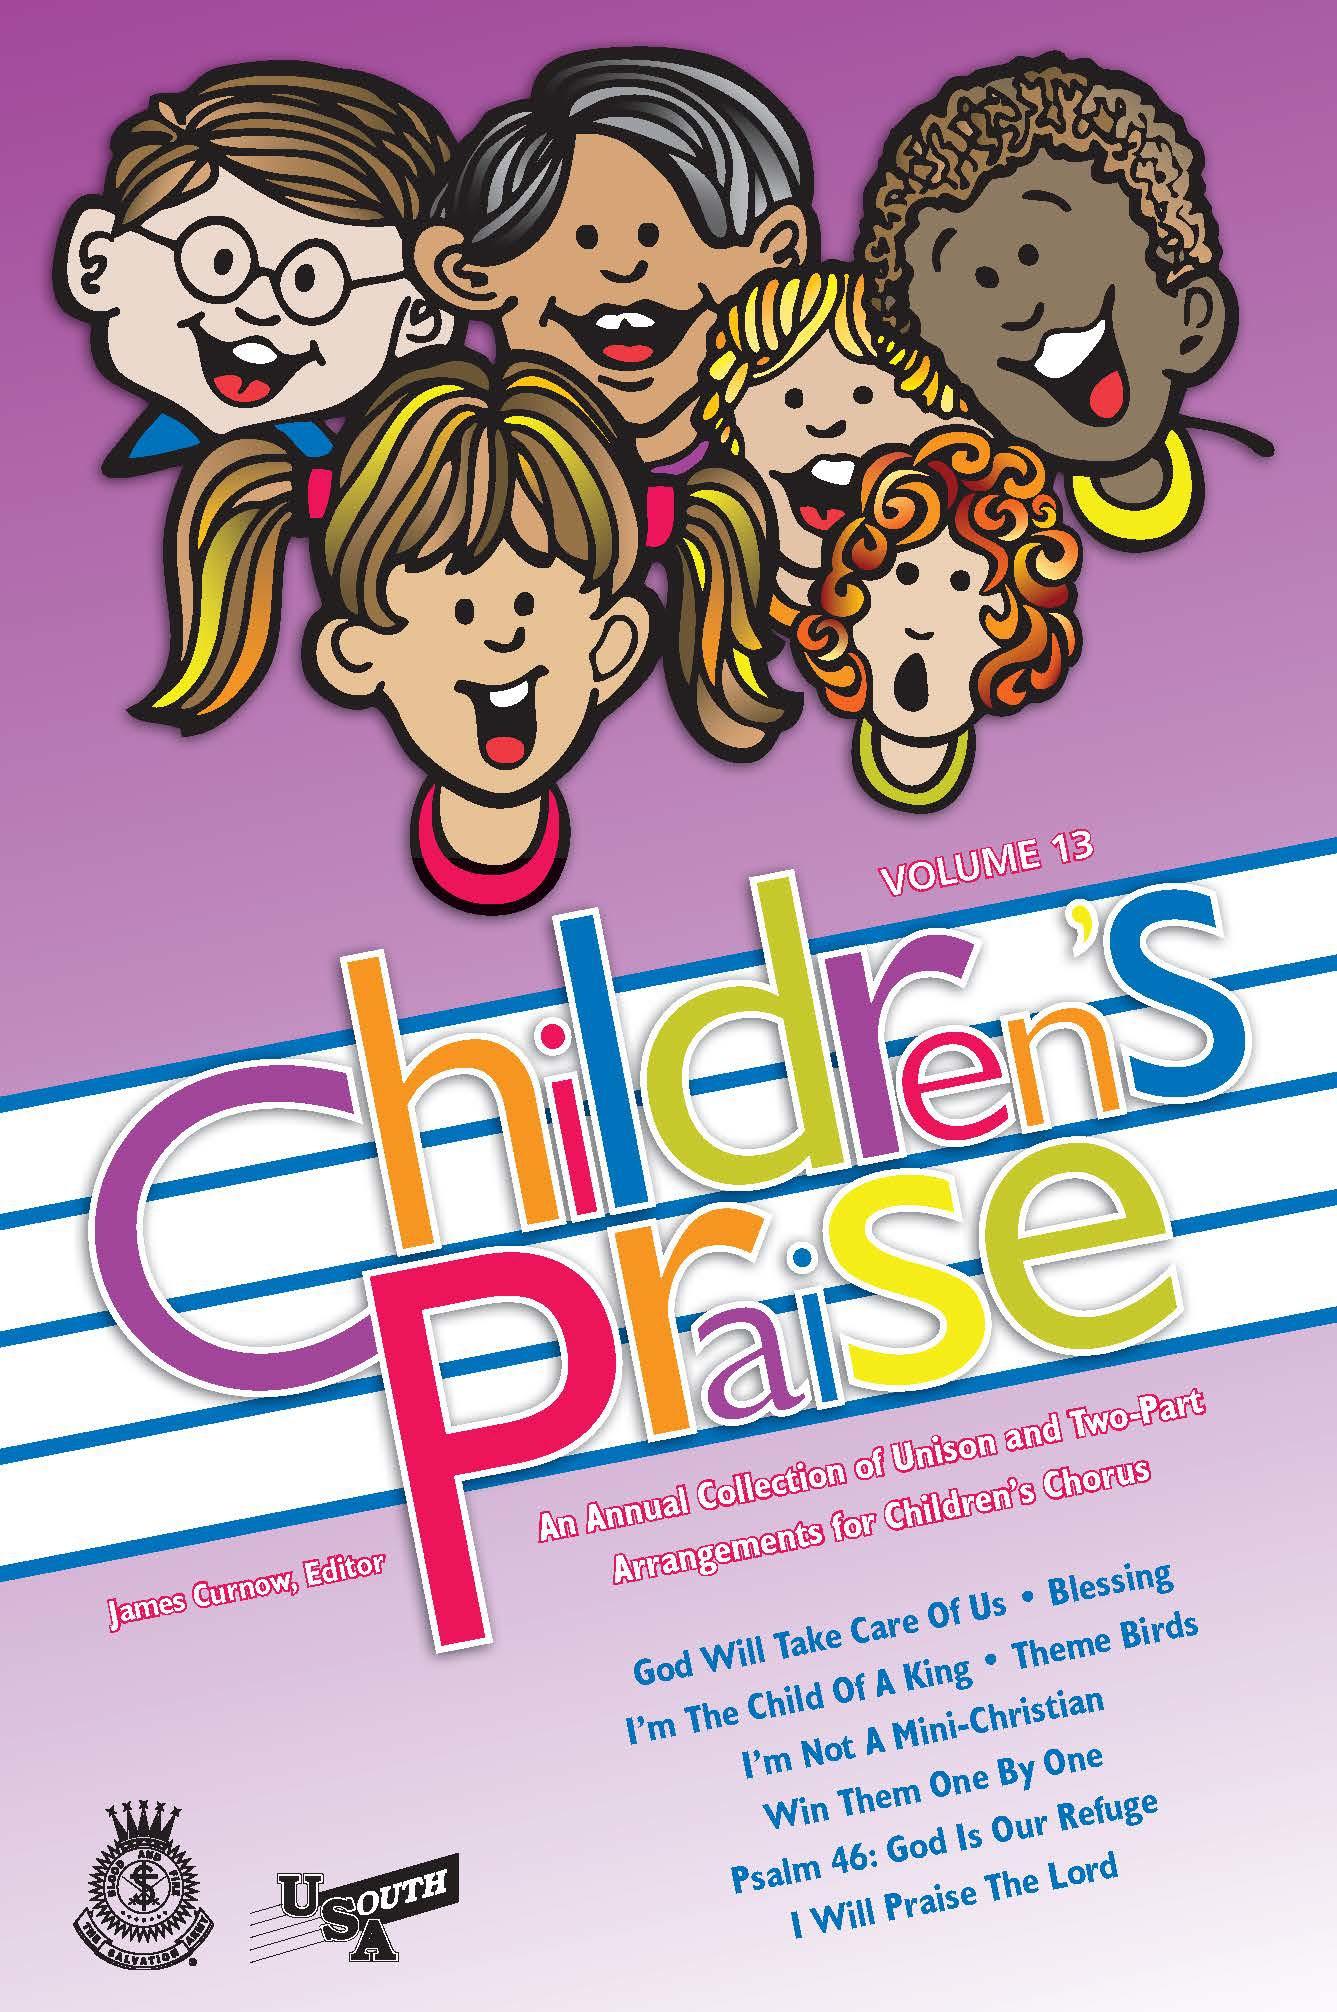 Children's Praise Cover_vol 13.jpg